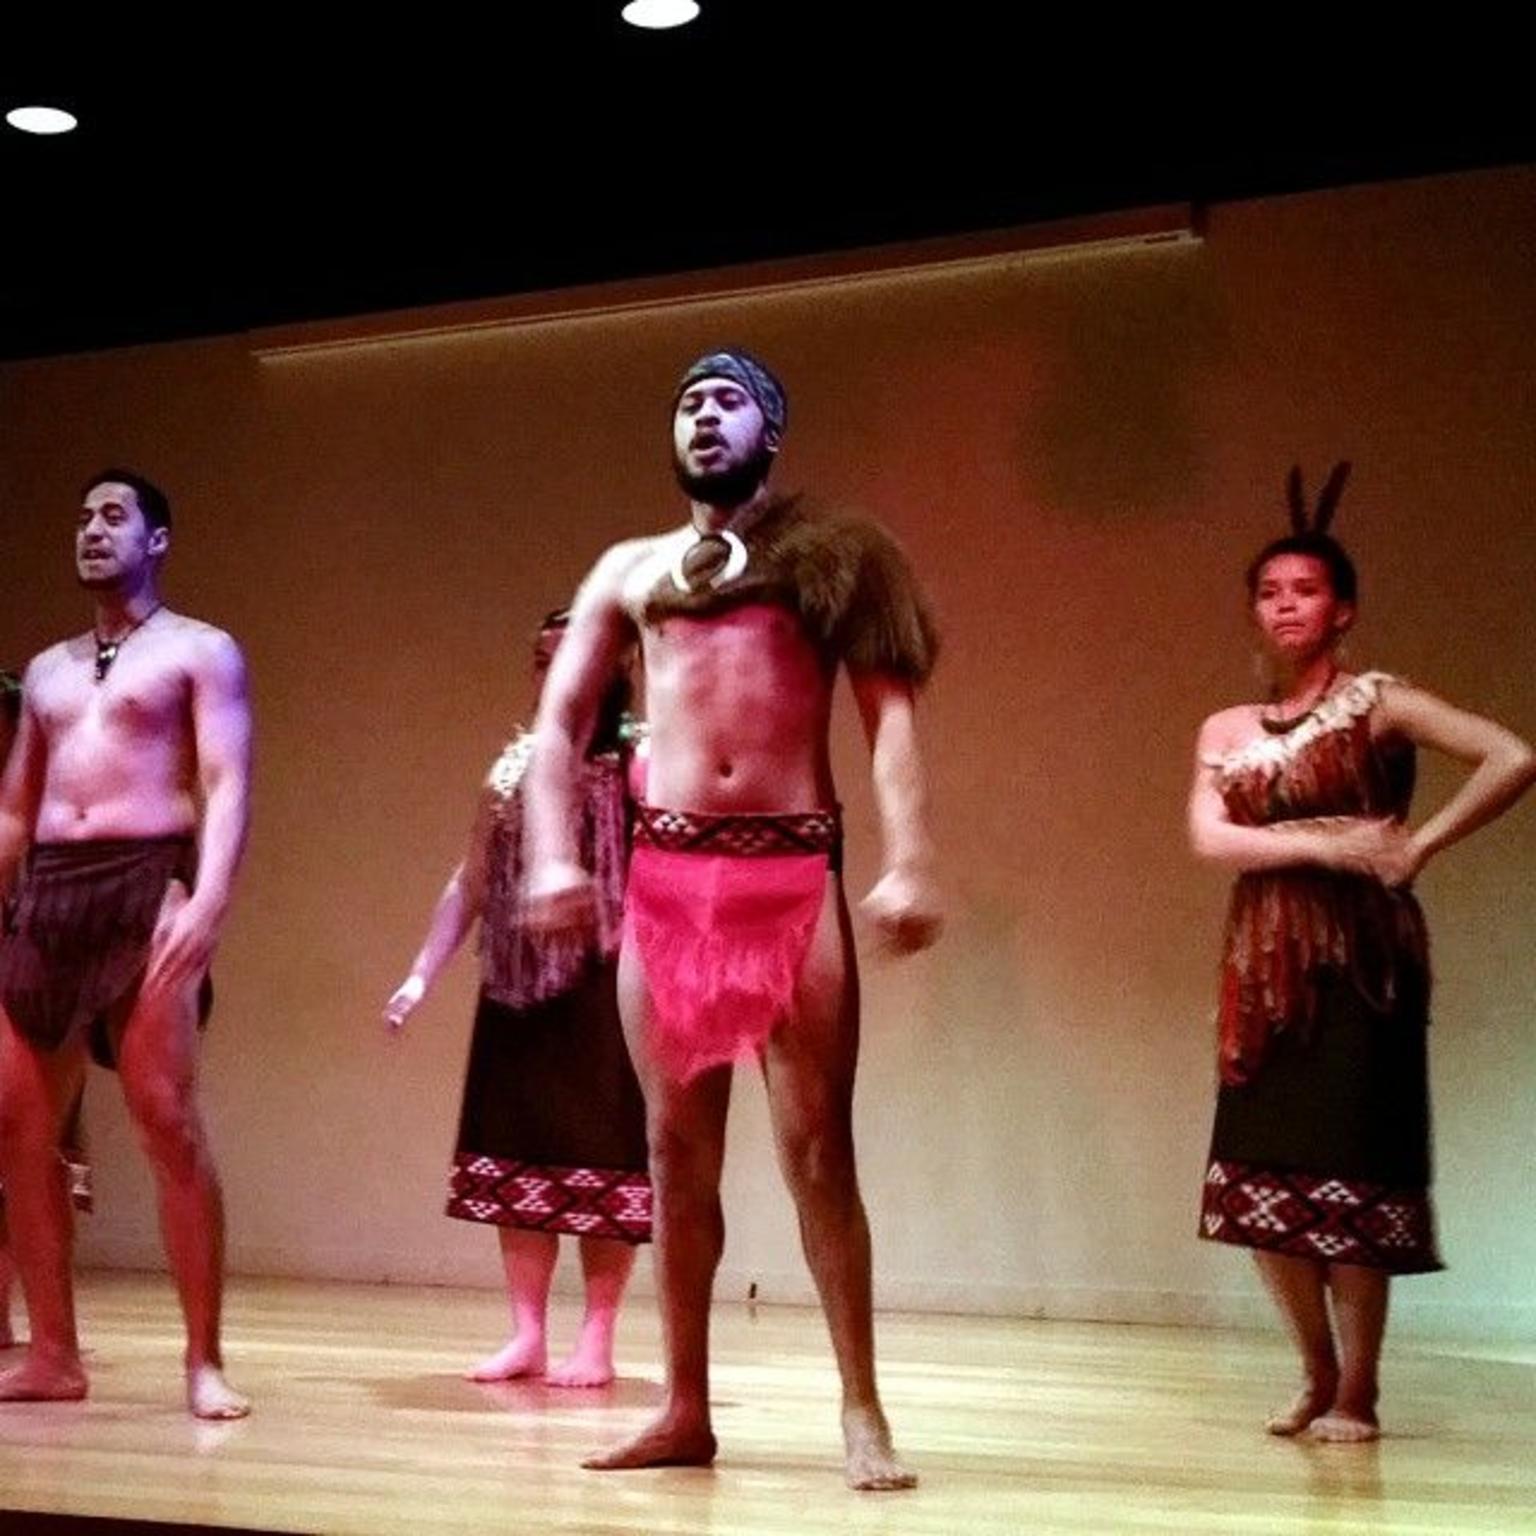 MÁS FOTOS, Excursión maorí de Auckland y actuación cultural